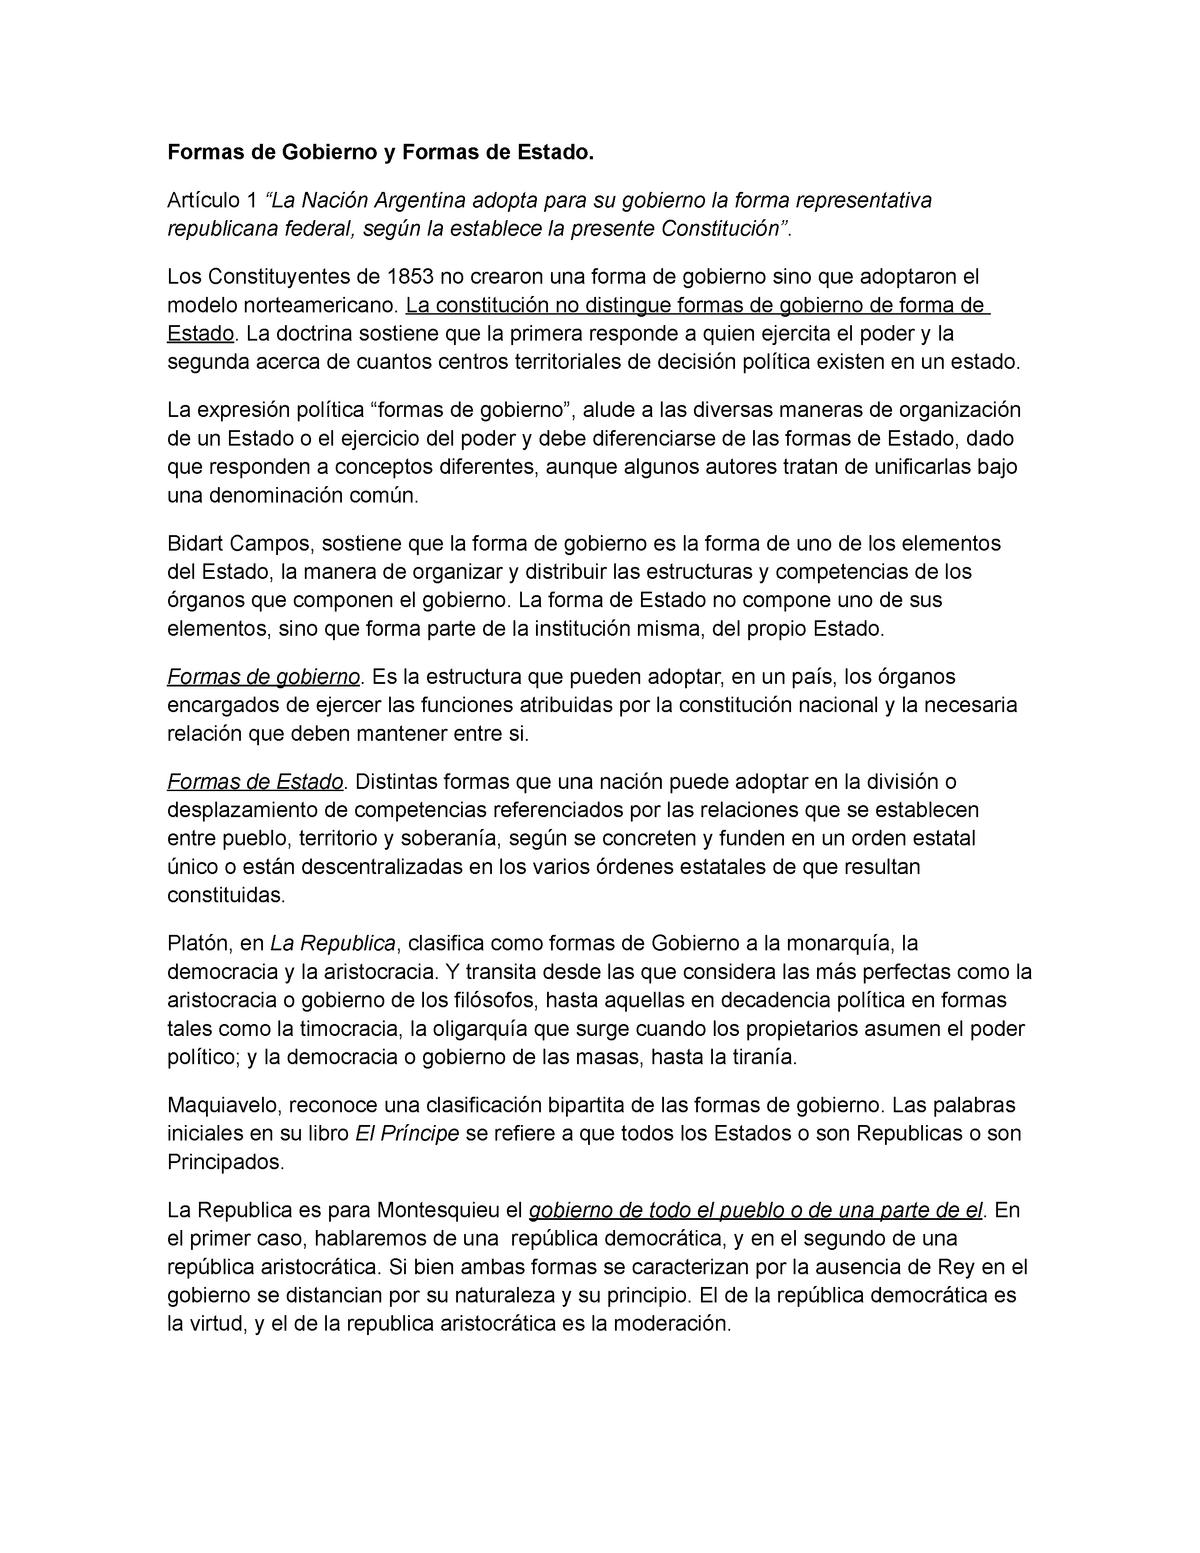 6 Derecho Constitucional Formas De Gobierno Y Formas De